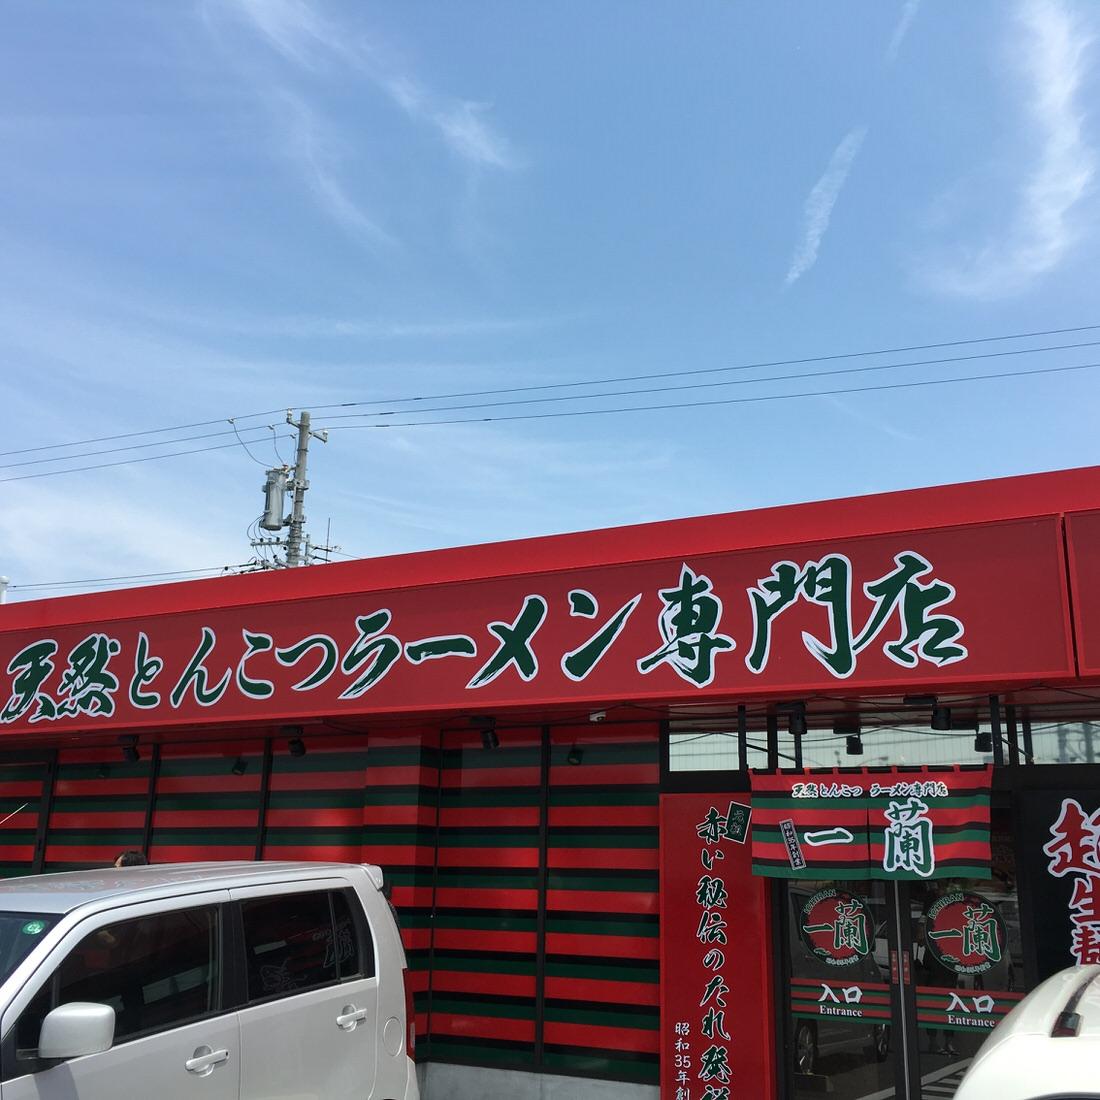 ついに岡崎市にも一蘭がオープンしたので替え玉チャルメラ音と豚骨ラーメンを楽しんできた